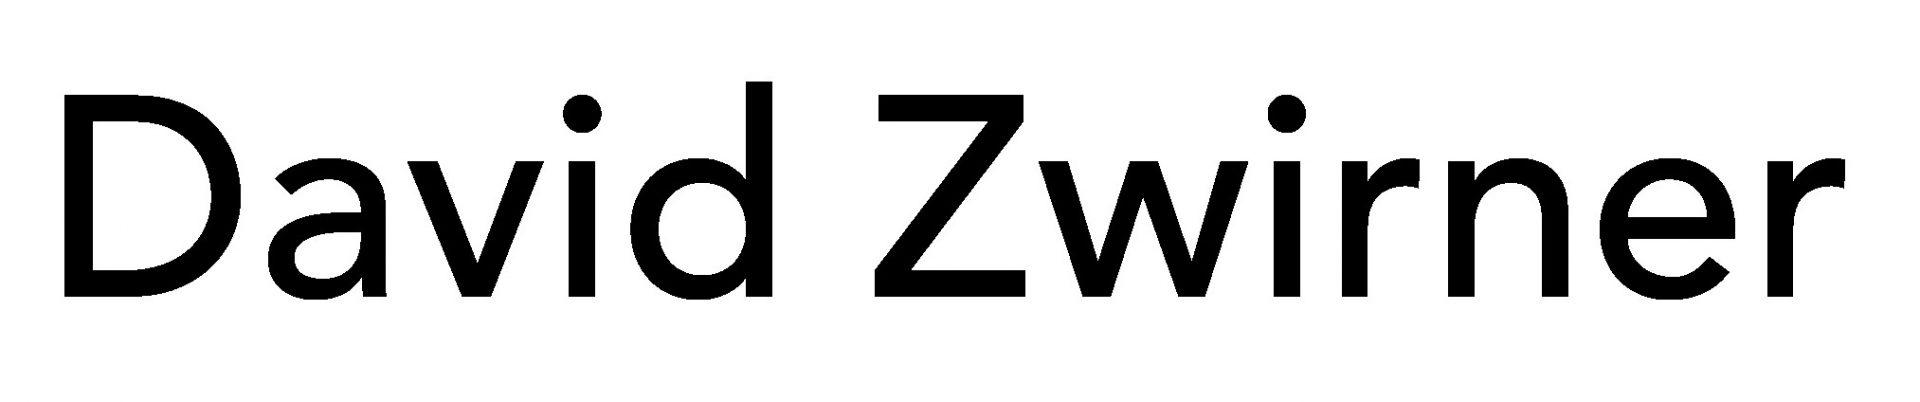 David-Zwirner-logo-1 (1).jpg